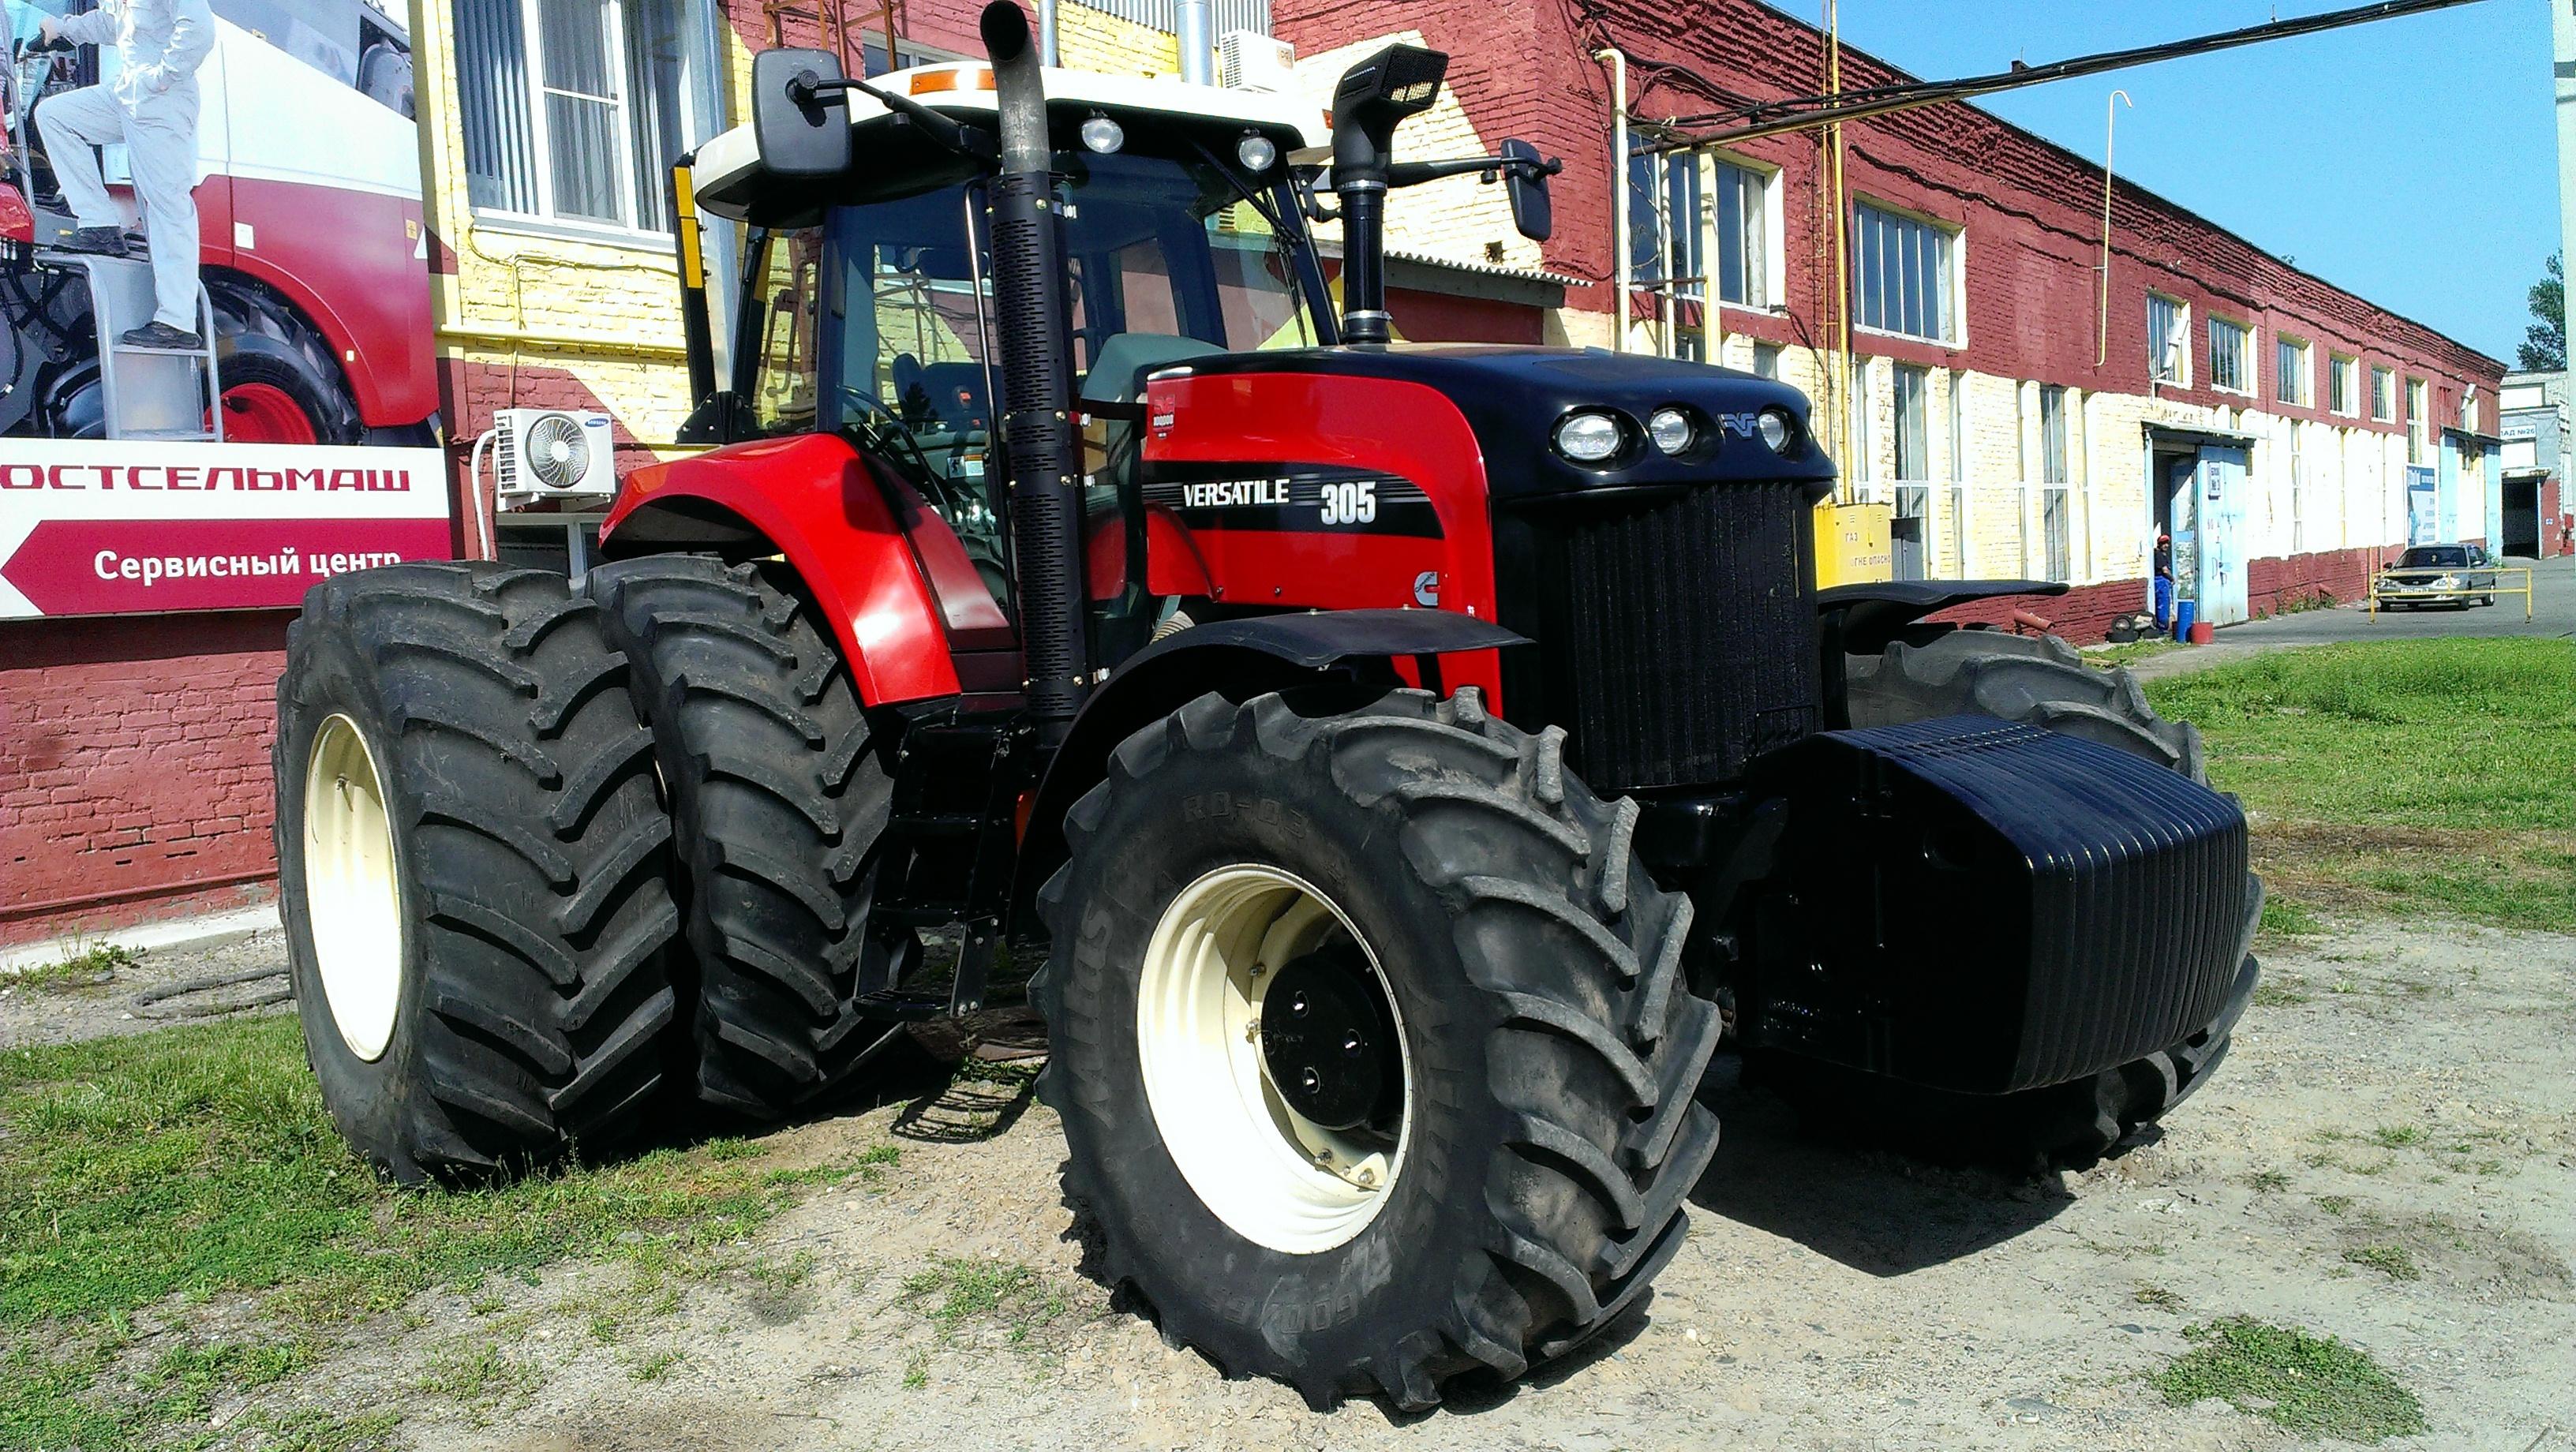 Трактор Версатайл / Versatile 305